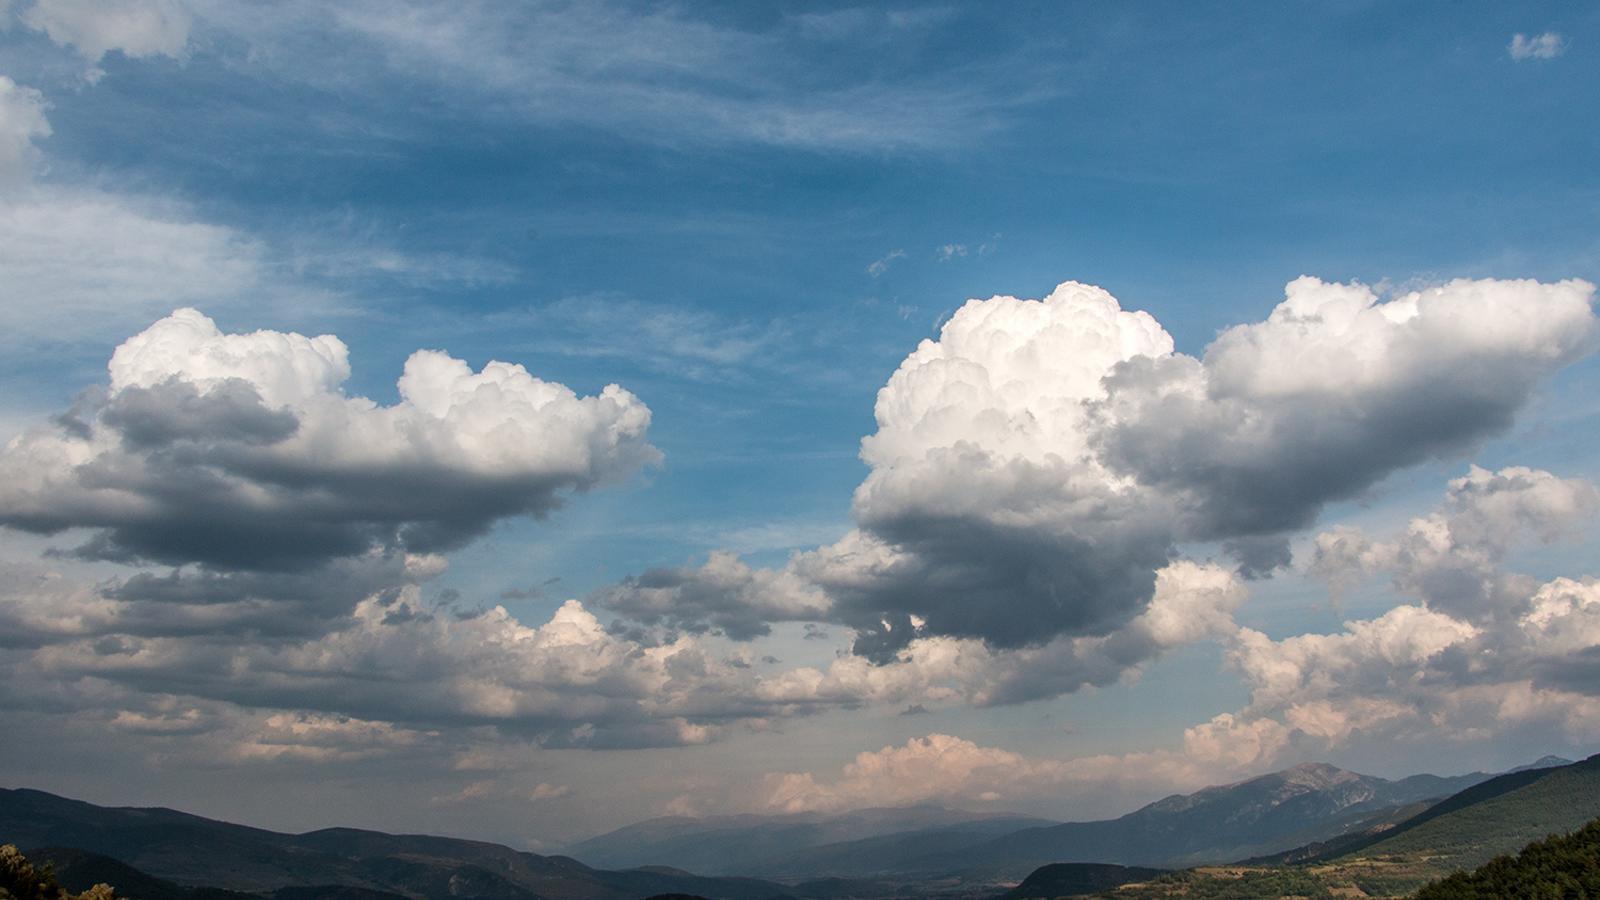 Força núvols i algun ruixat a la meitat est